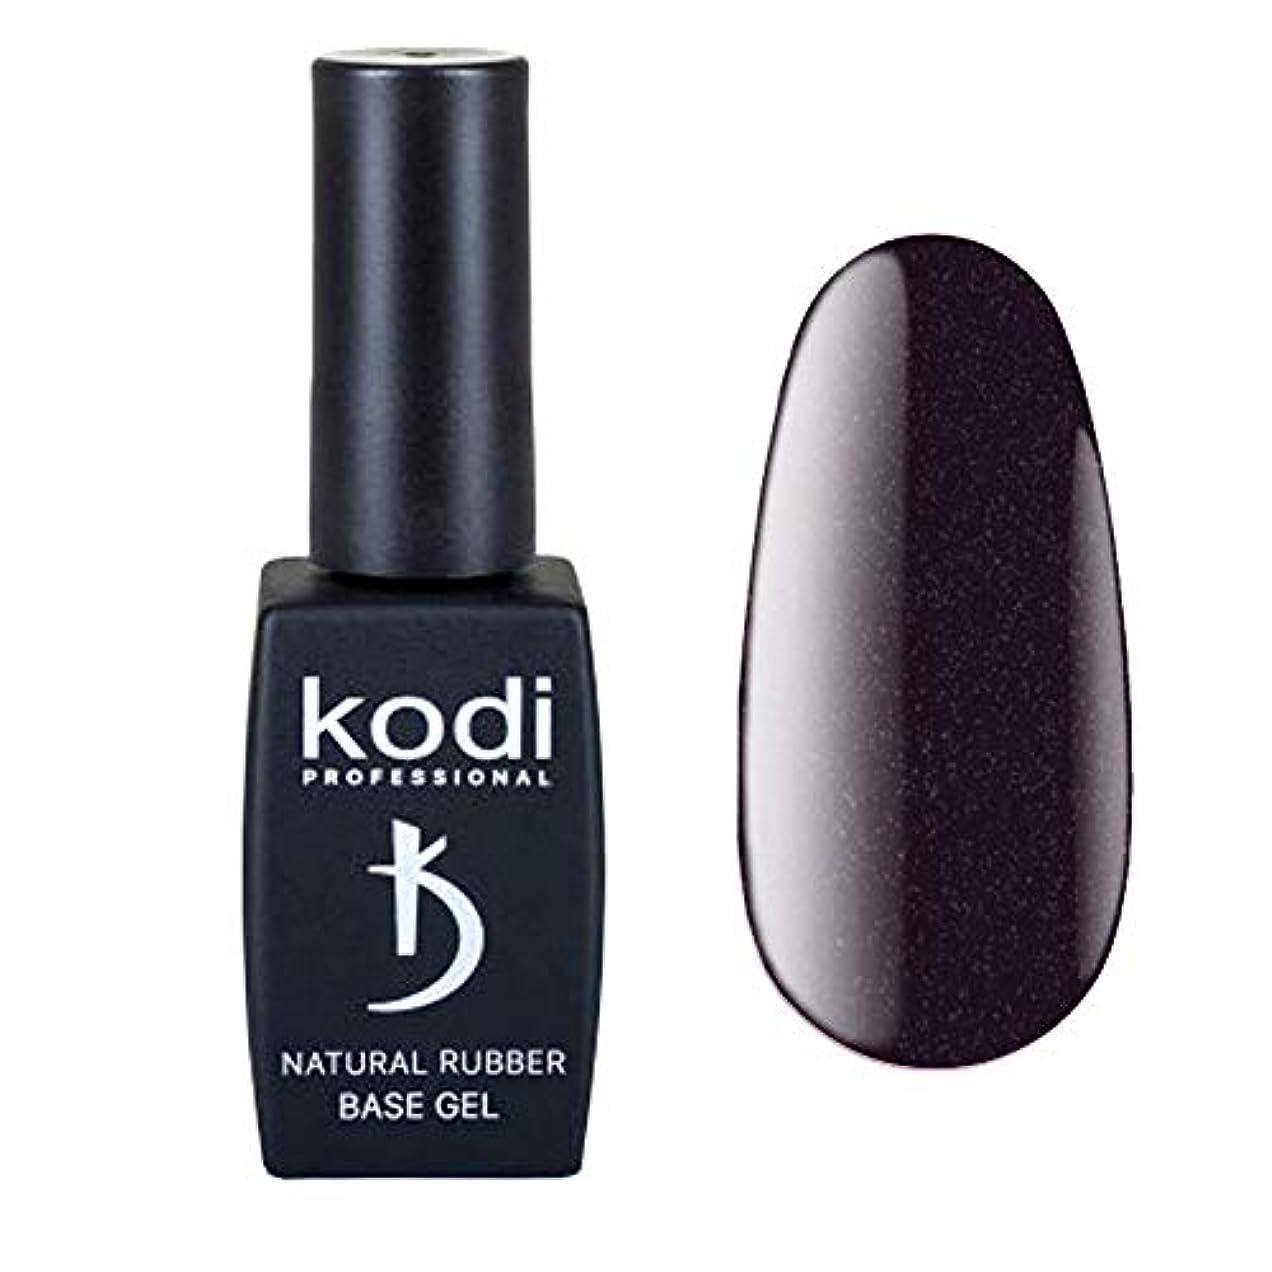 広告費用宇宙飛行士Kodi Professional New Collection V Violet #01 Color Gel Nail Polish 12ml 0.42 Fl Oz LED UV Genuine Soak Off